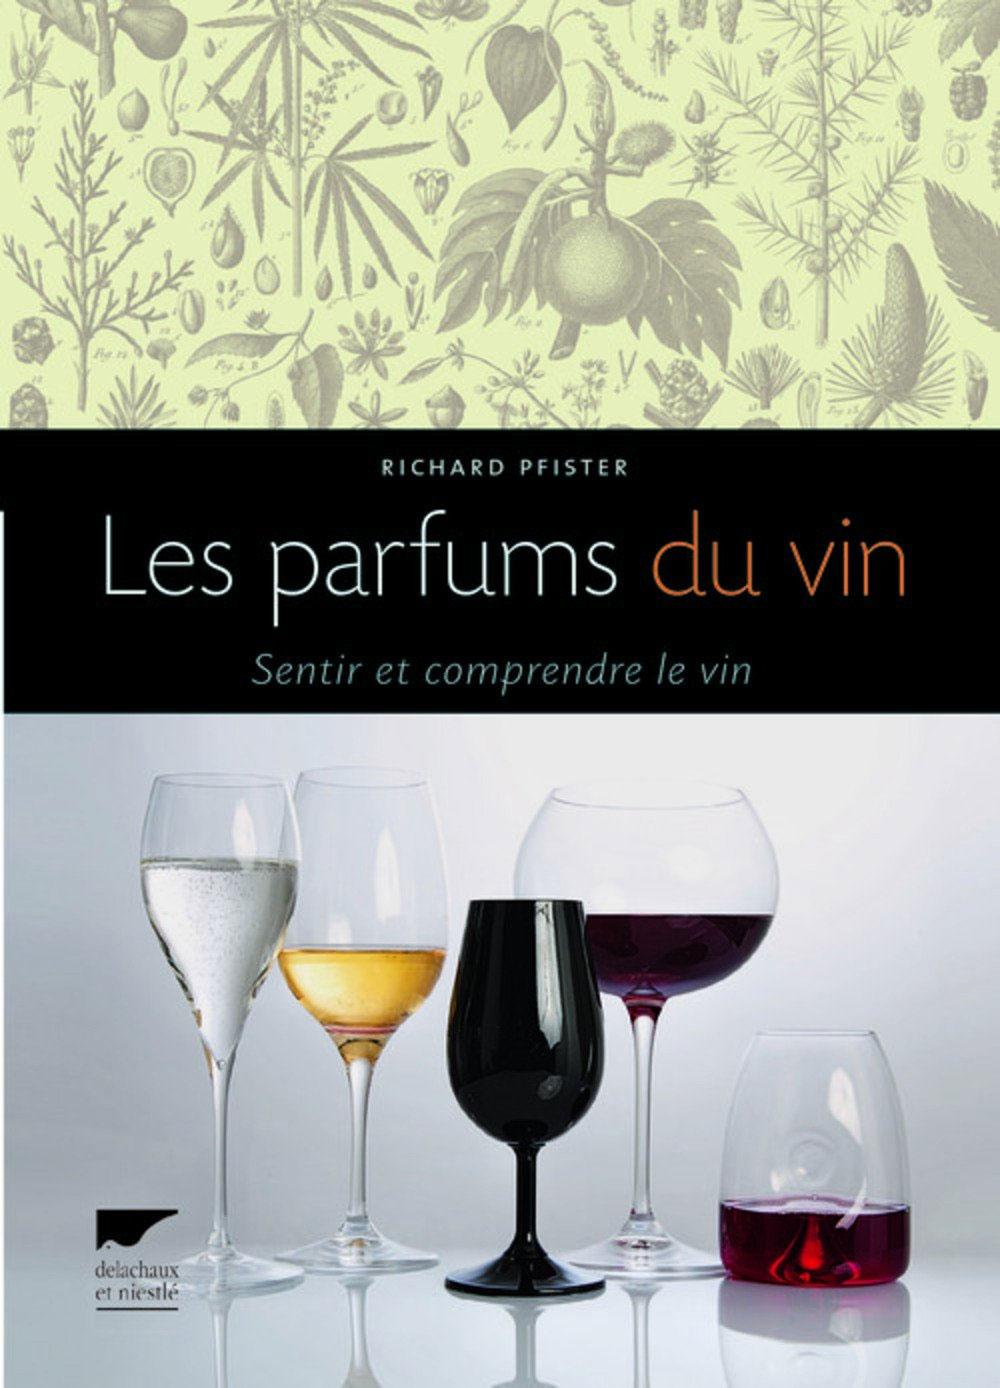 « Les parfums du vin : Sentir et comprendre le vin », de Richard Pfister